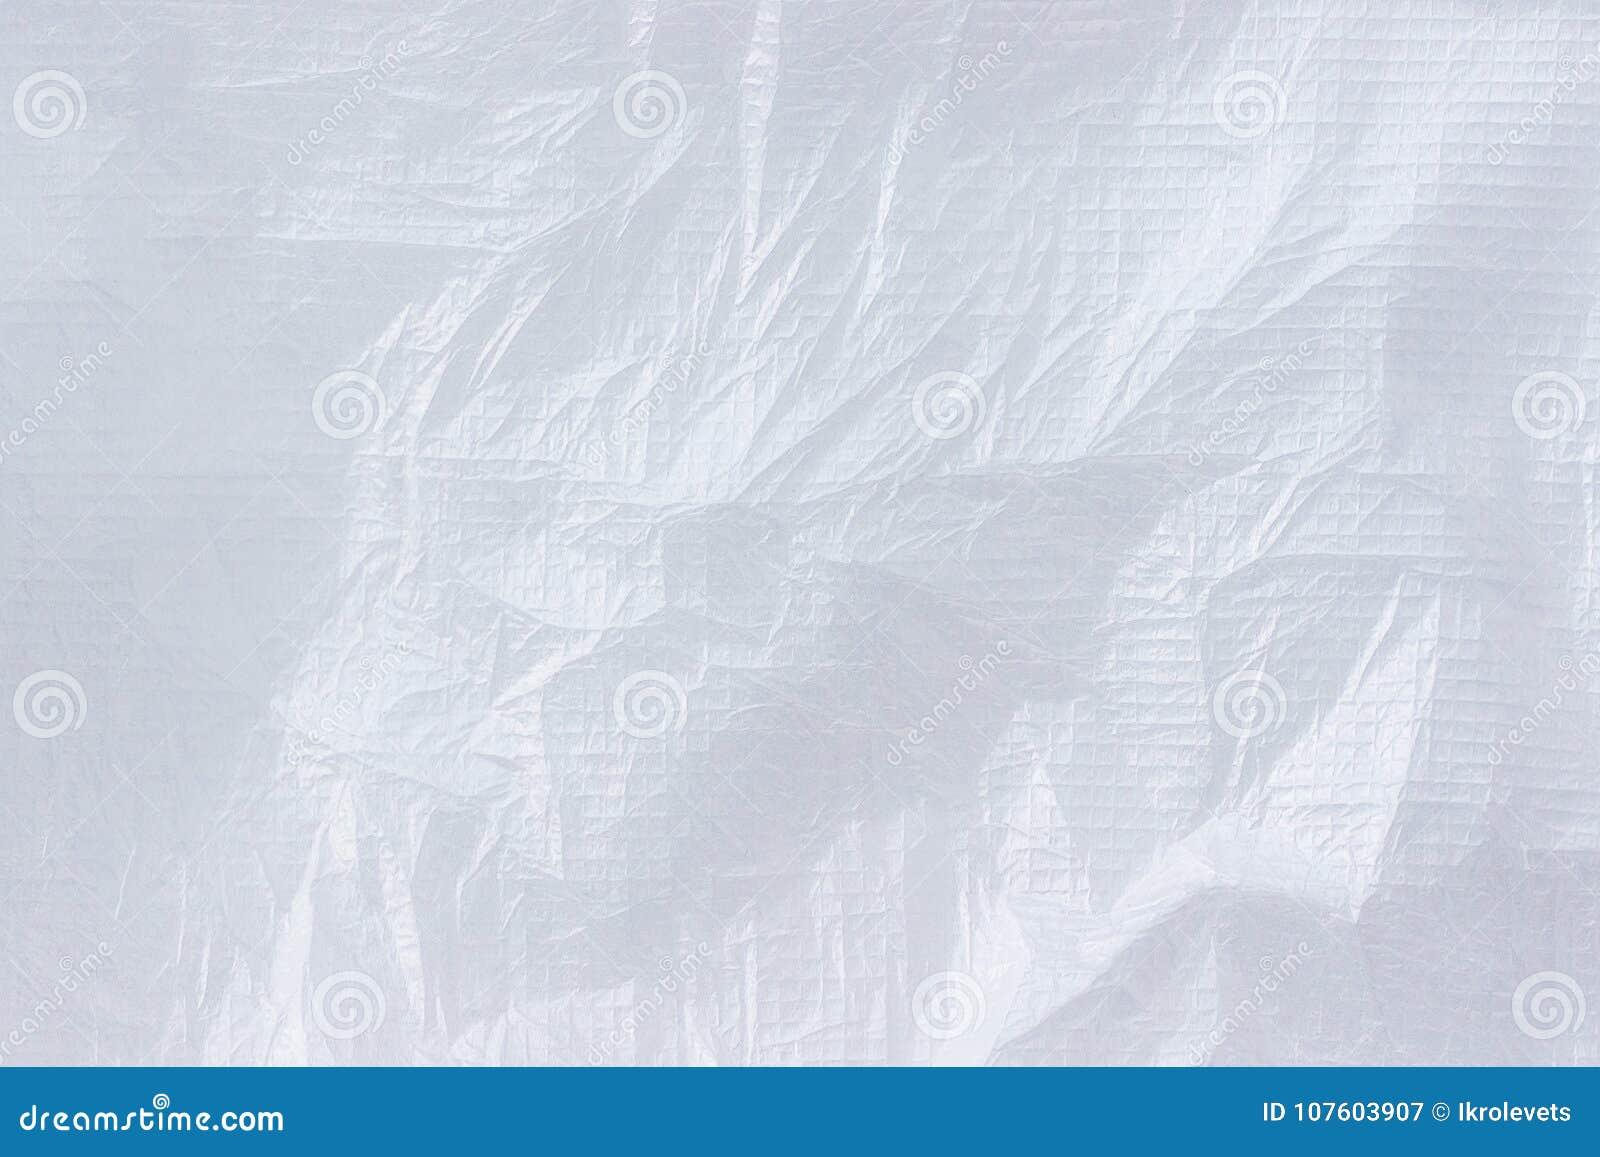 Material no tejido arrugado blanco